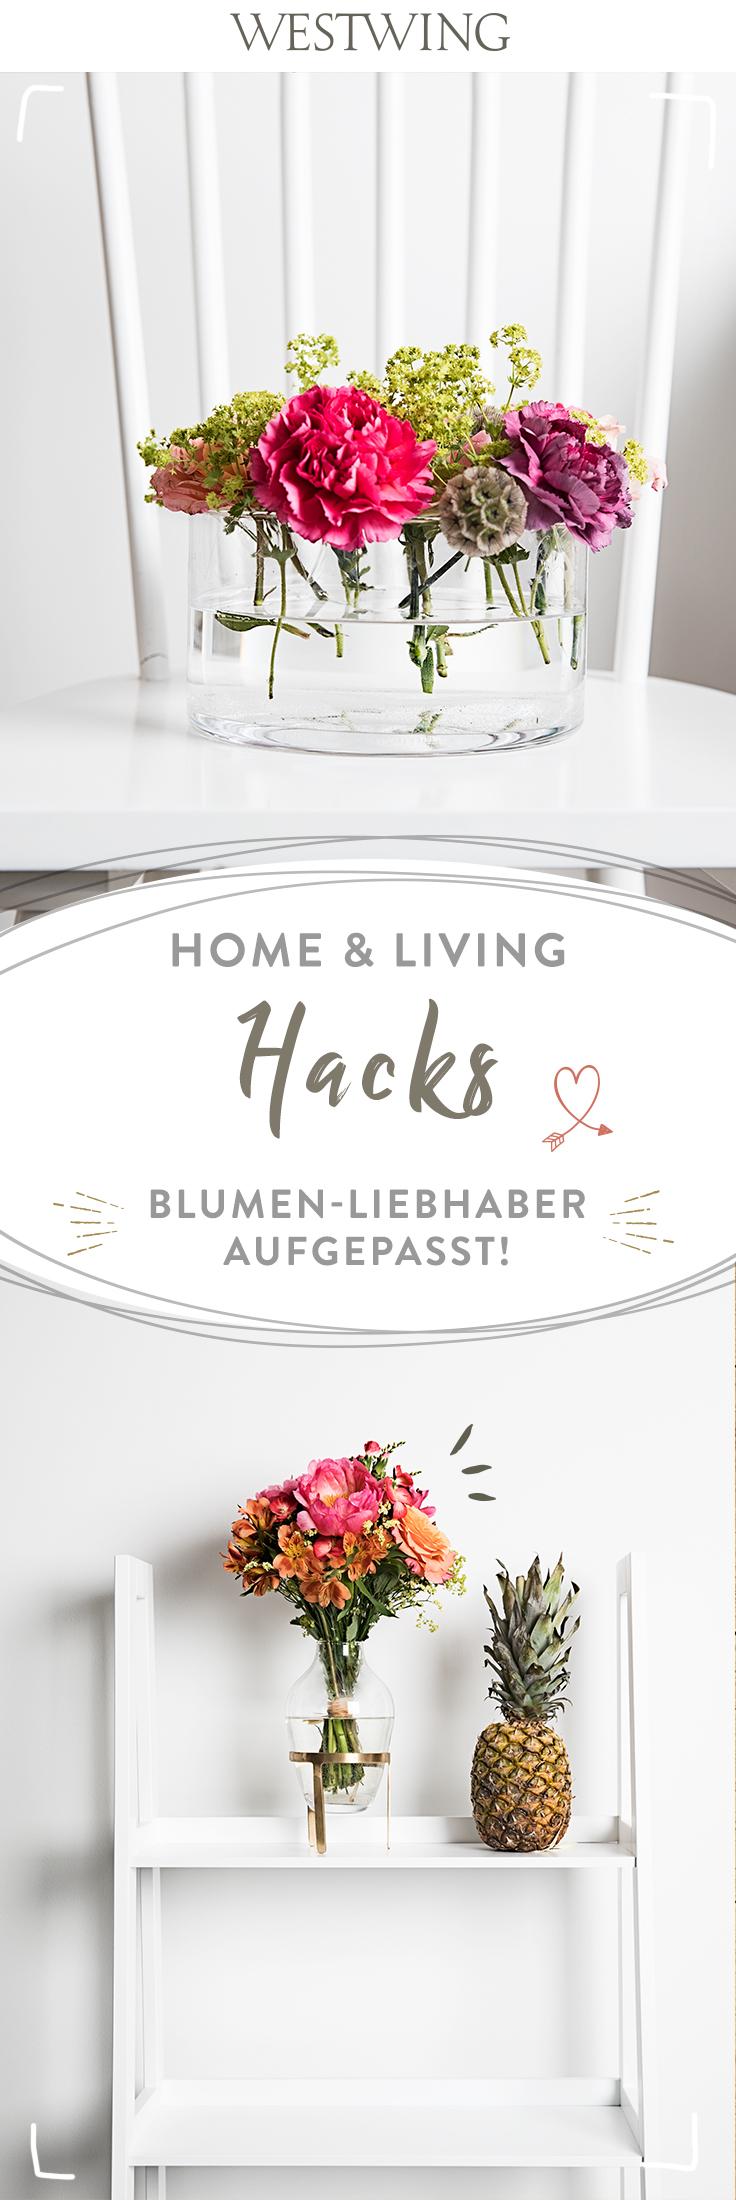 home living hacks 1 blumen vasen. Black Bedroom Furniture Sets. Home Design Ideas